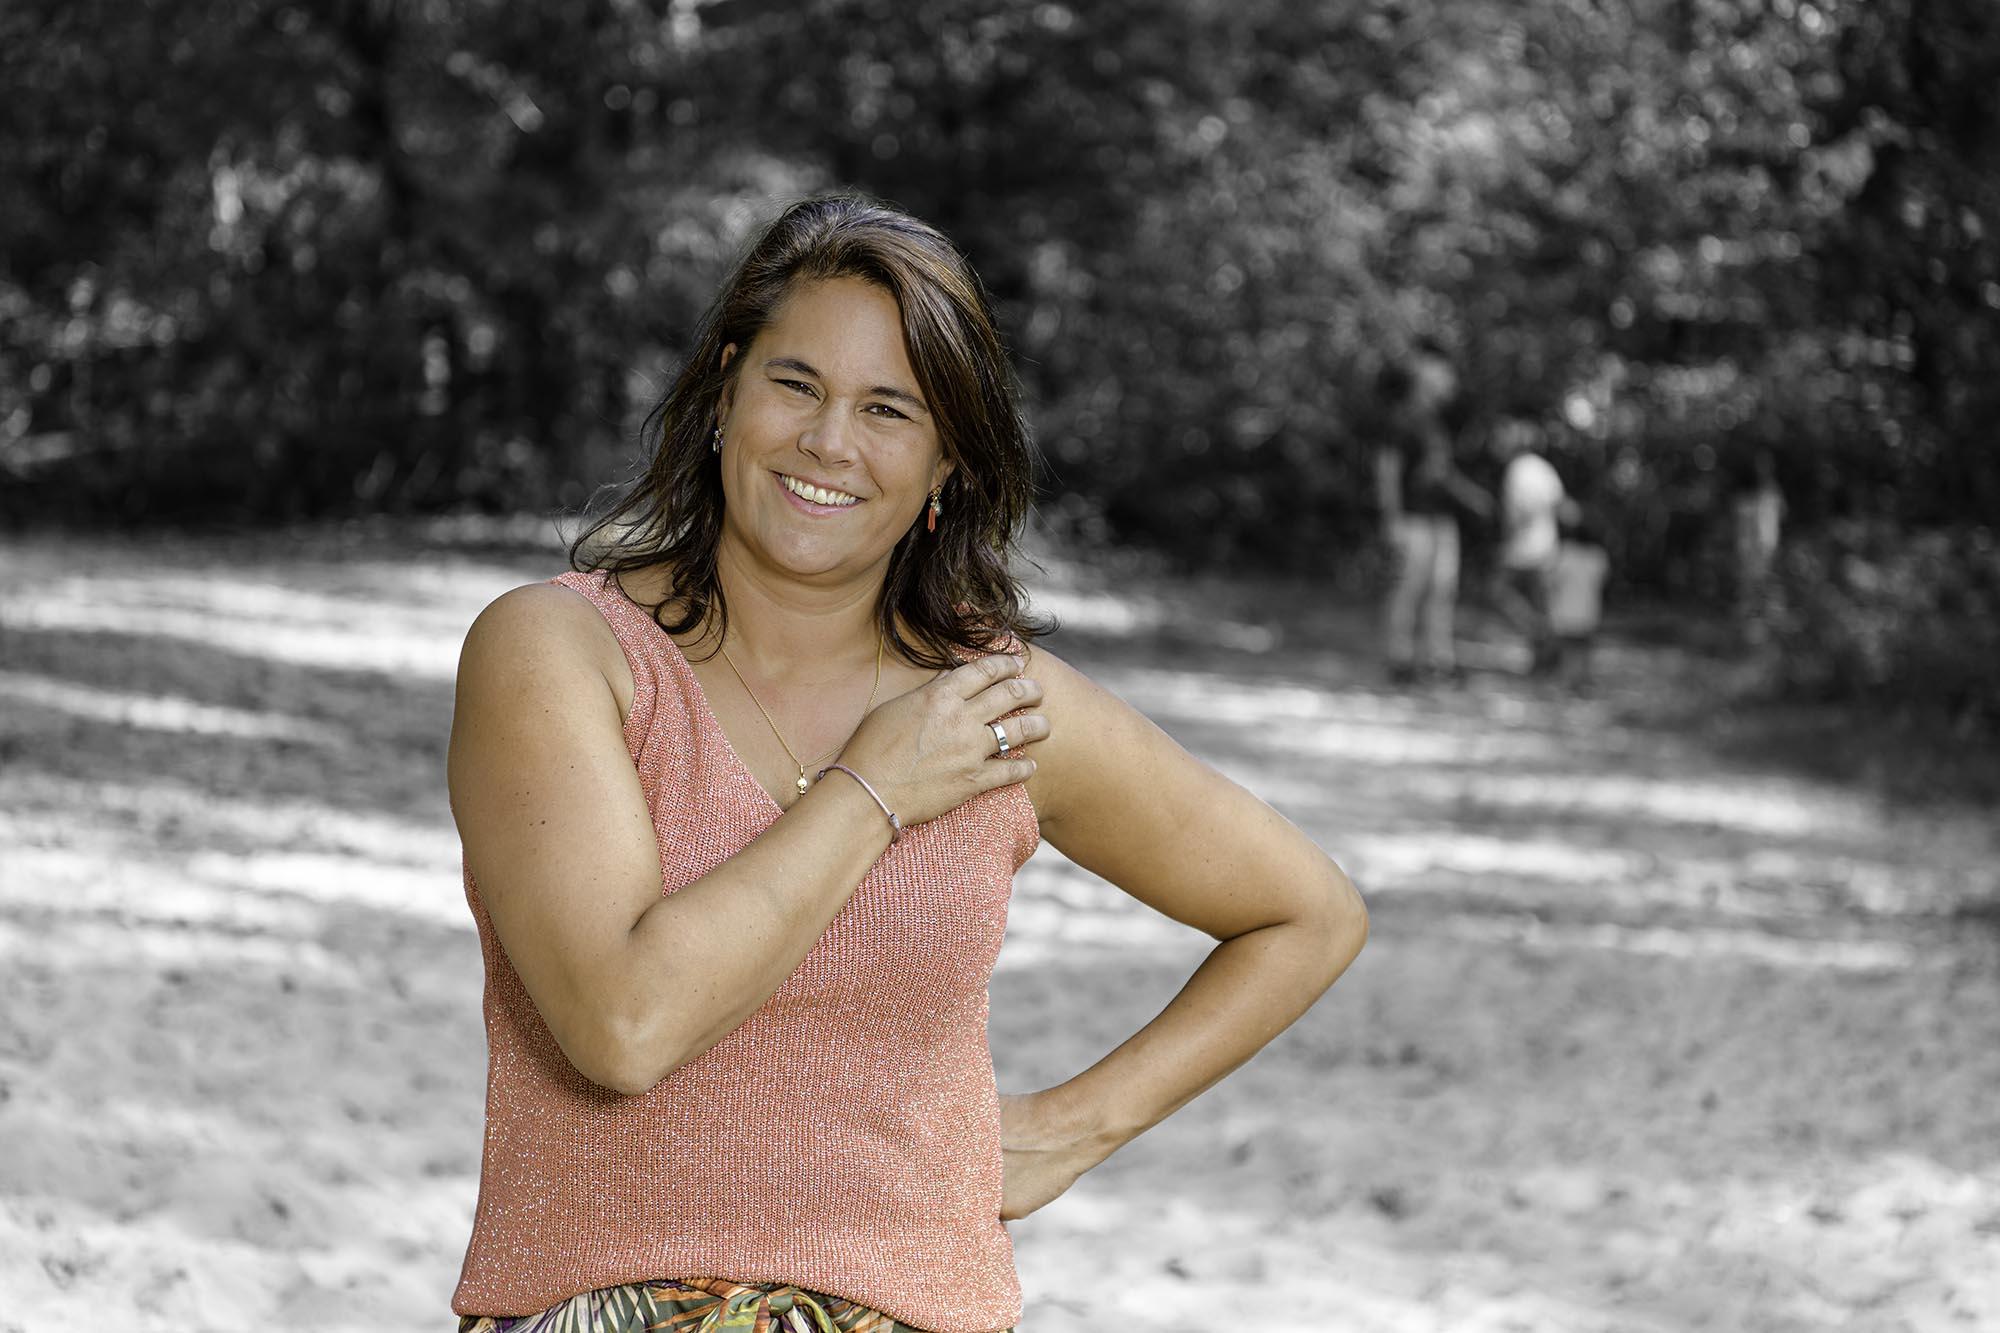 Gezin Martine Scholten in het bos van Den Dolder